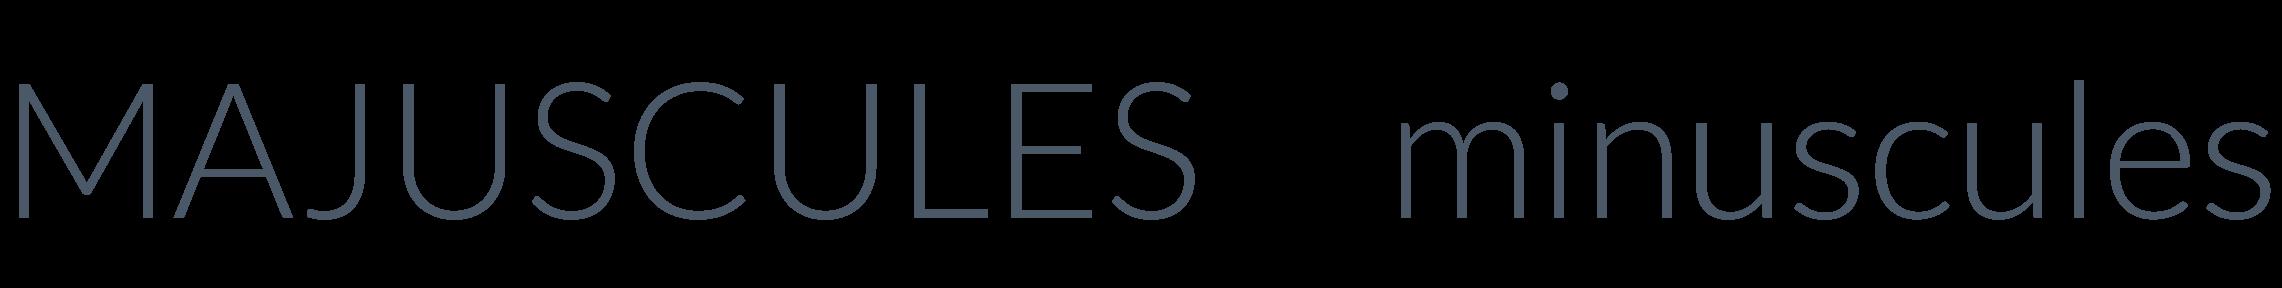 Exemple de polices d'écritures en majuscules et minuscules